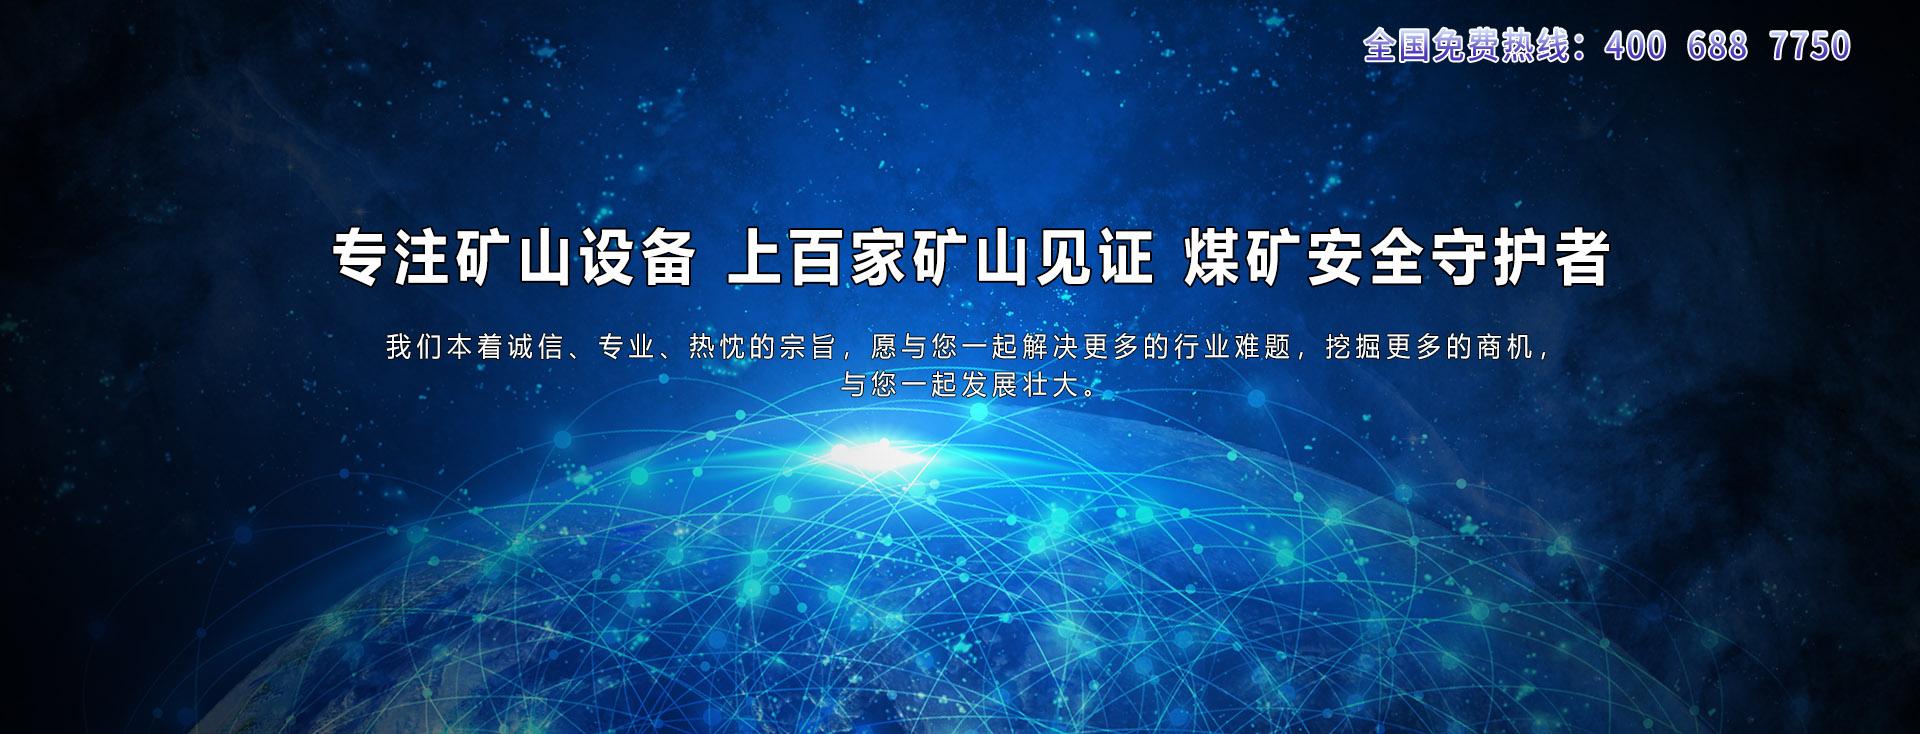 山东新云鹏电气有限公司